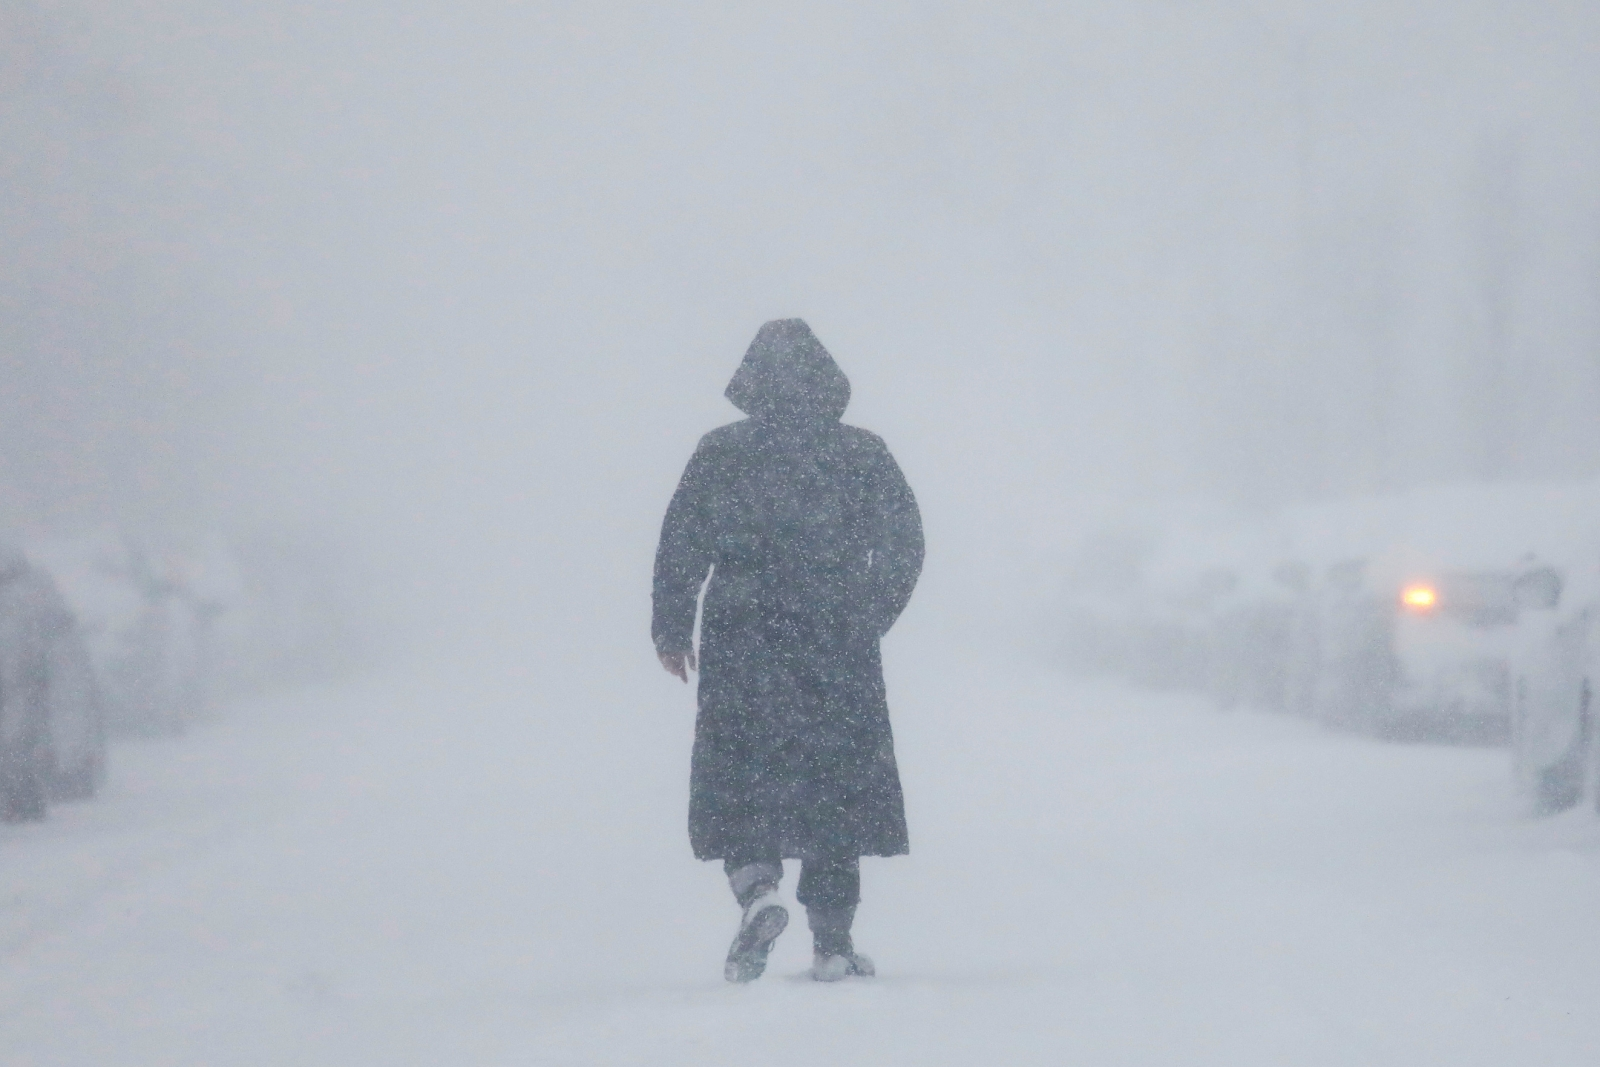 US weather bomb cyclone bombogenesis snow